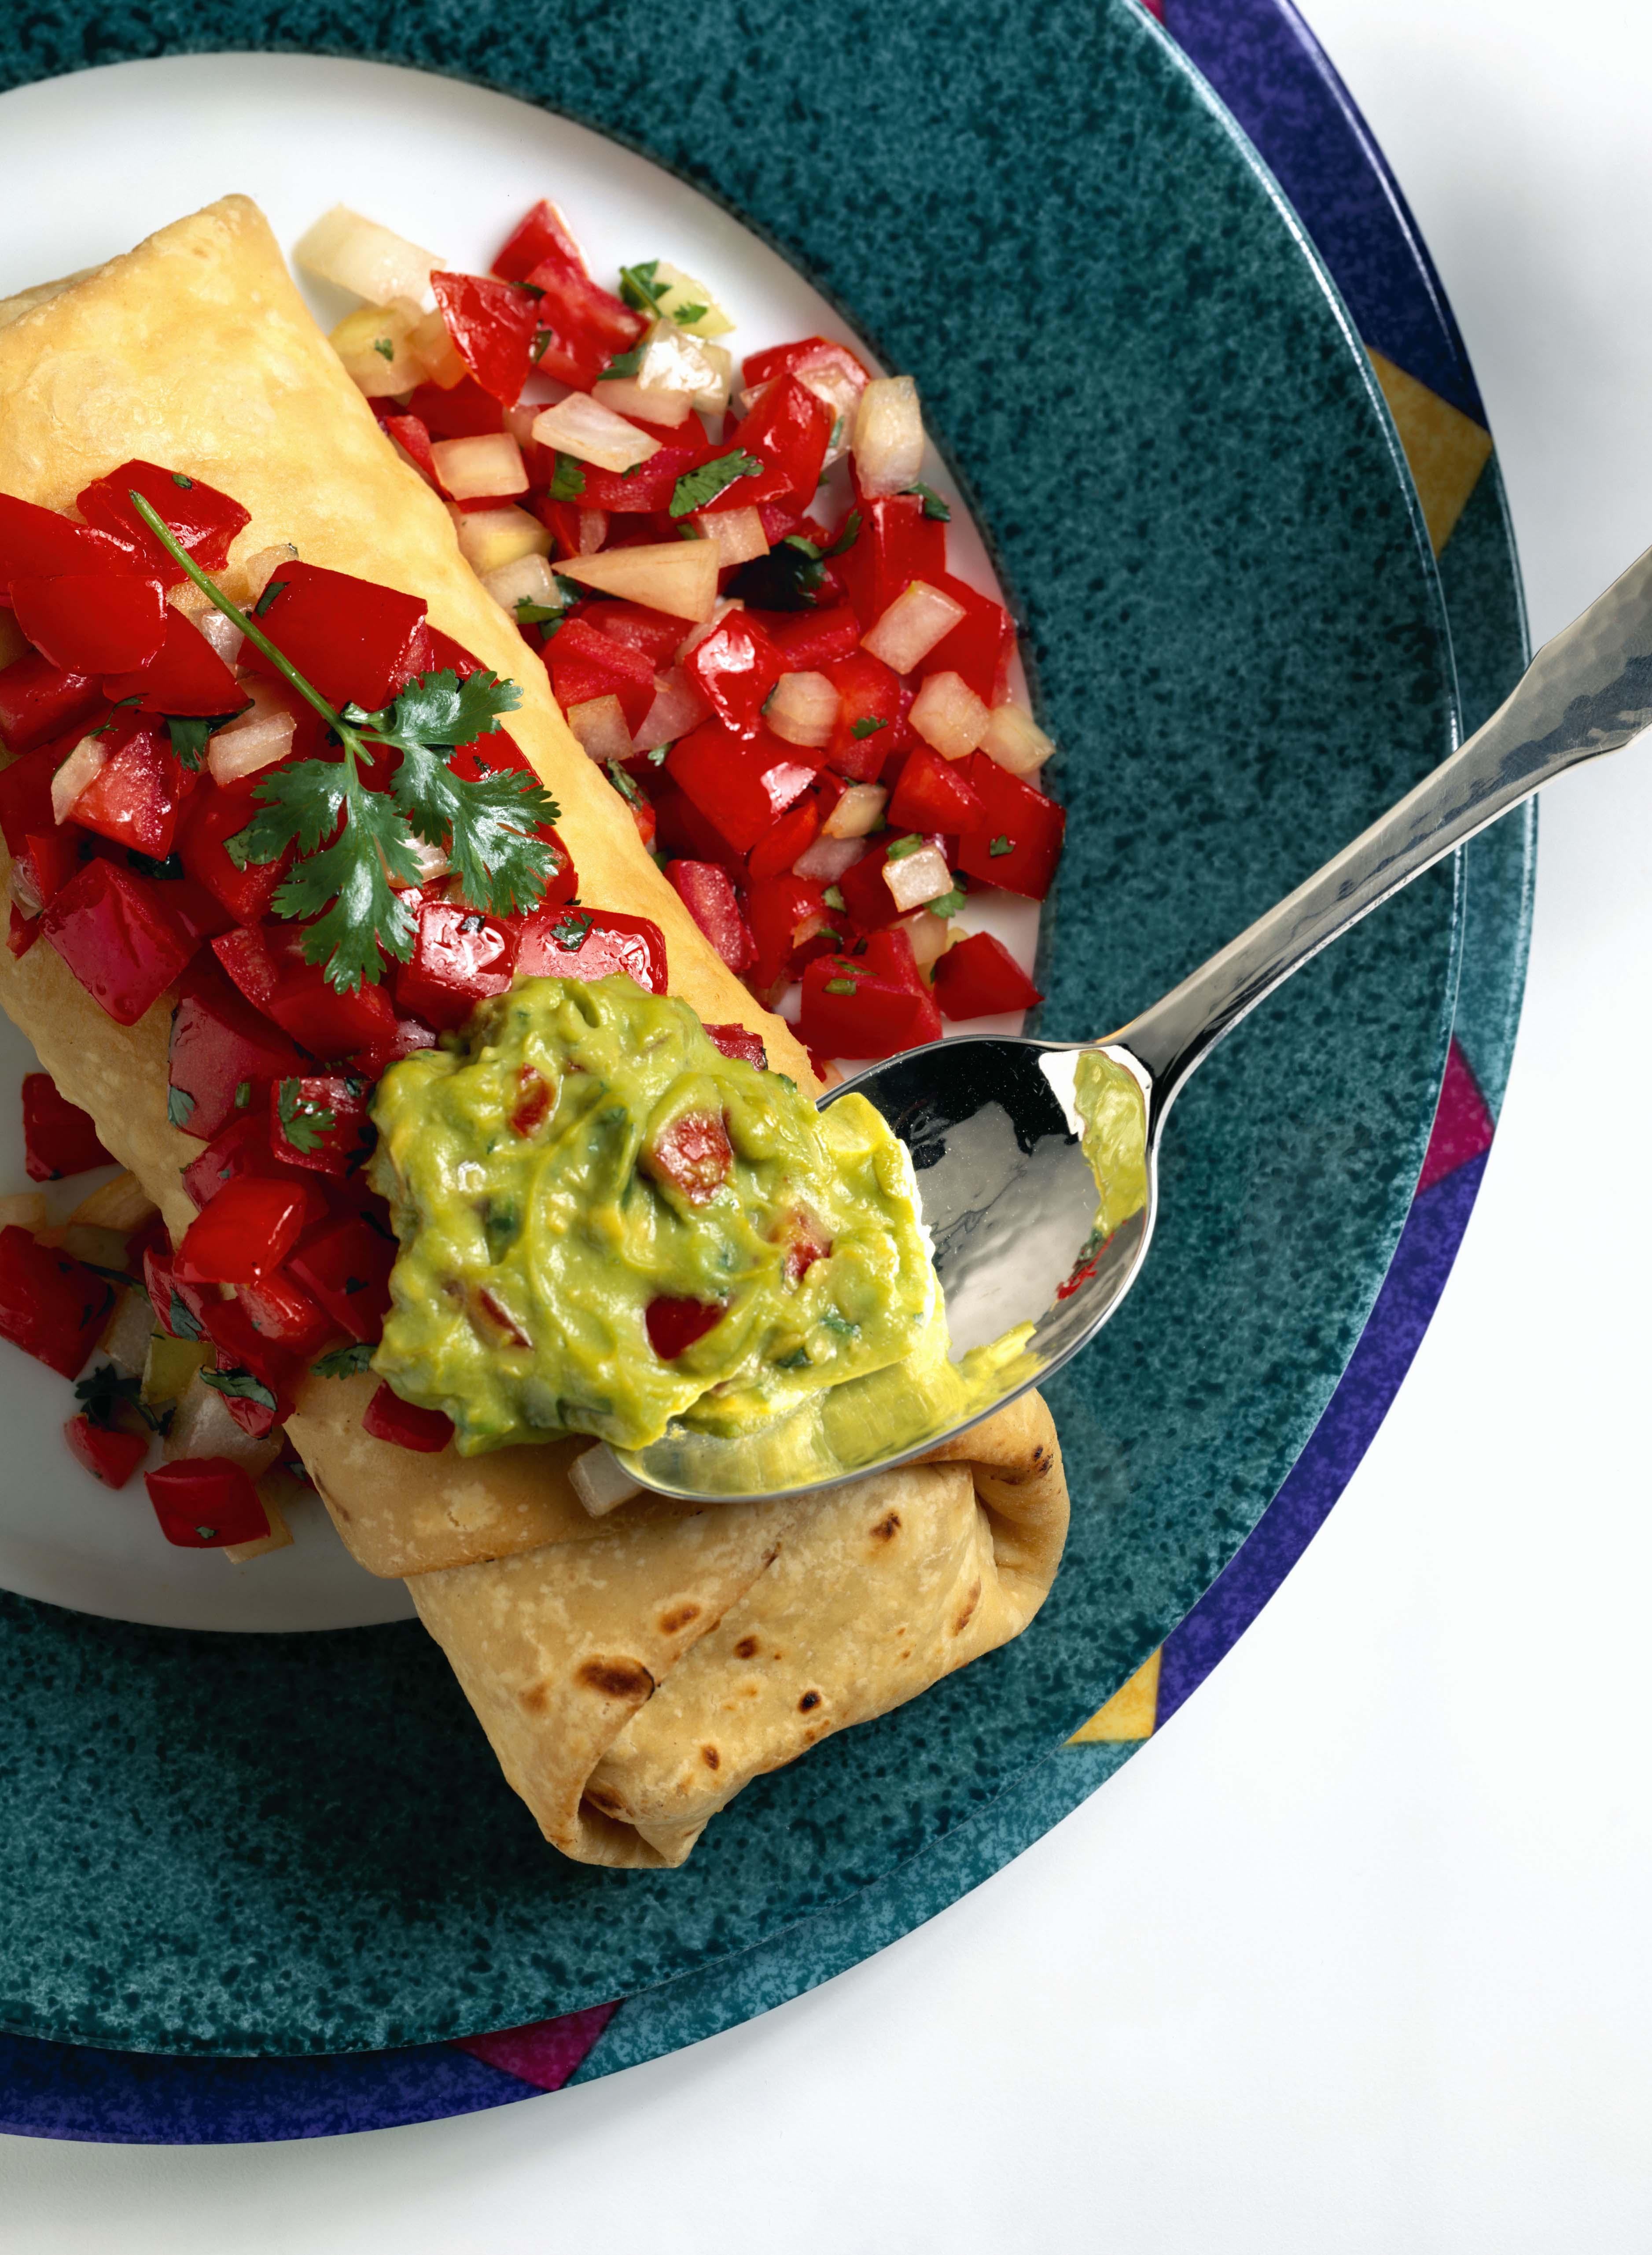 Chimichanga with guacamole and salsa